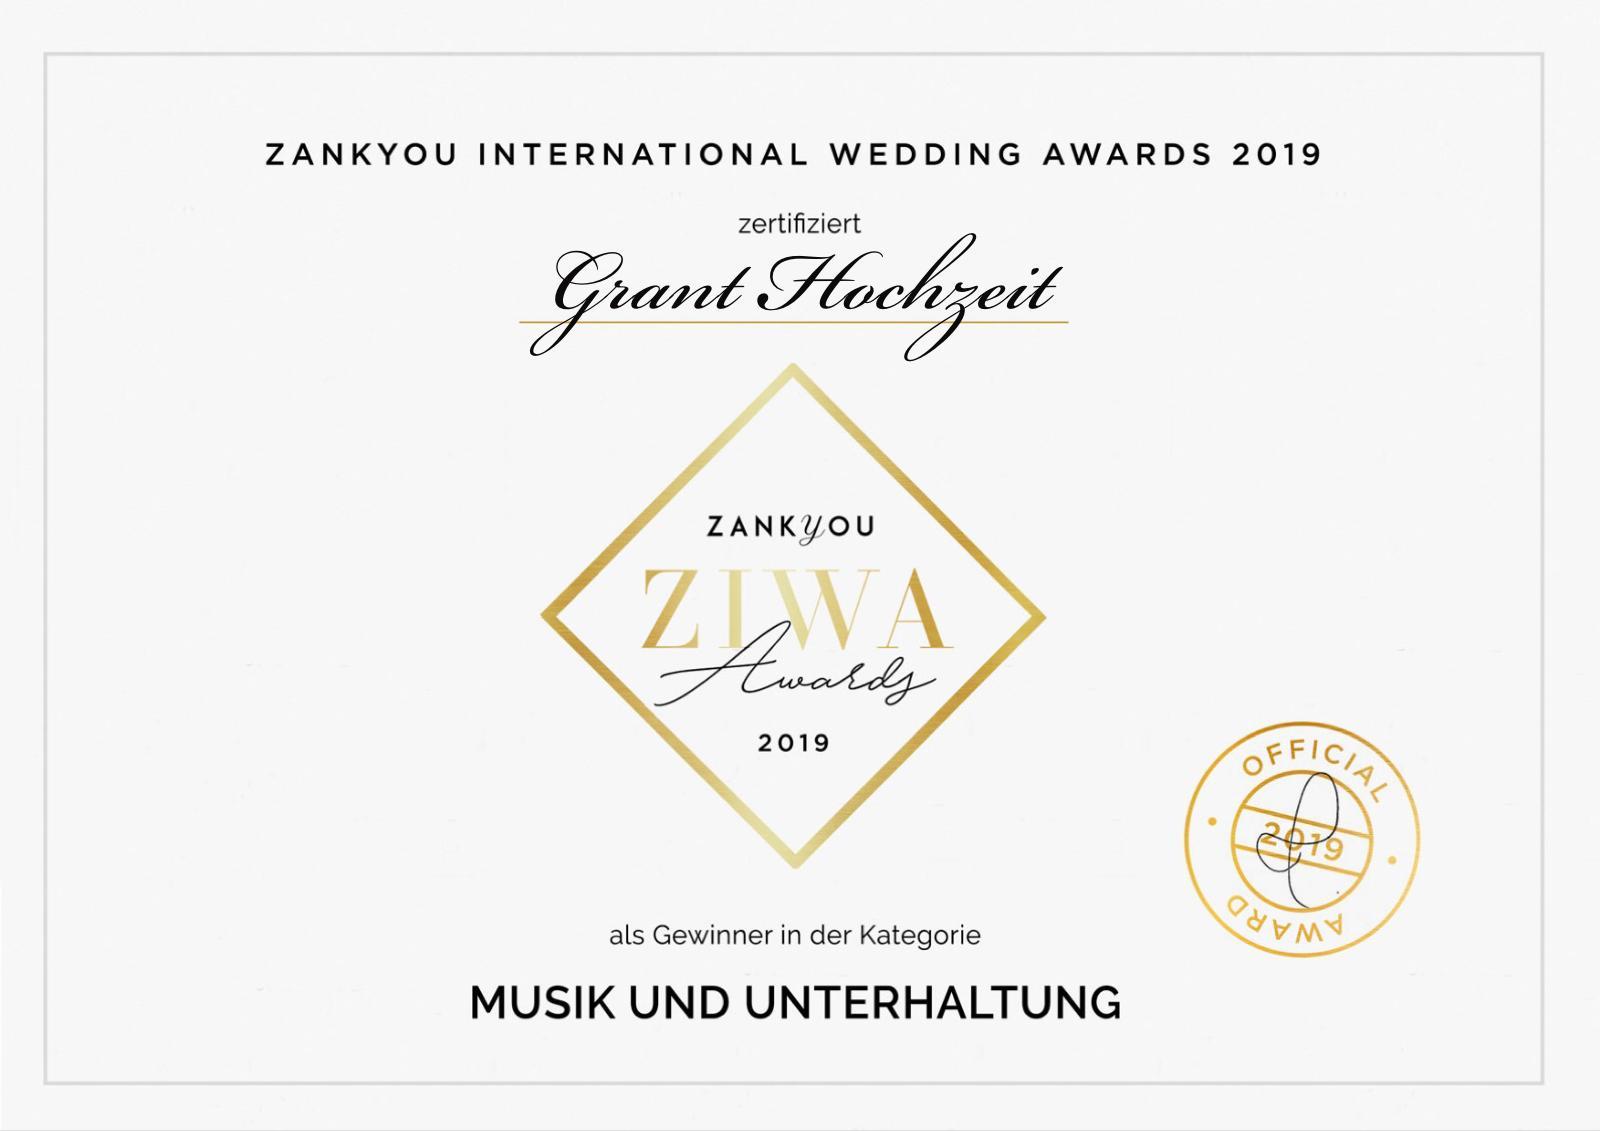 Grant Hochzeit hat den Ziwa Award 2019 im der Kategorie Musik und Unterhaltung gewonnen.